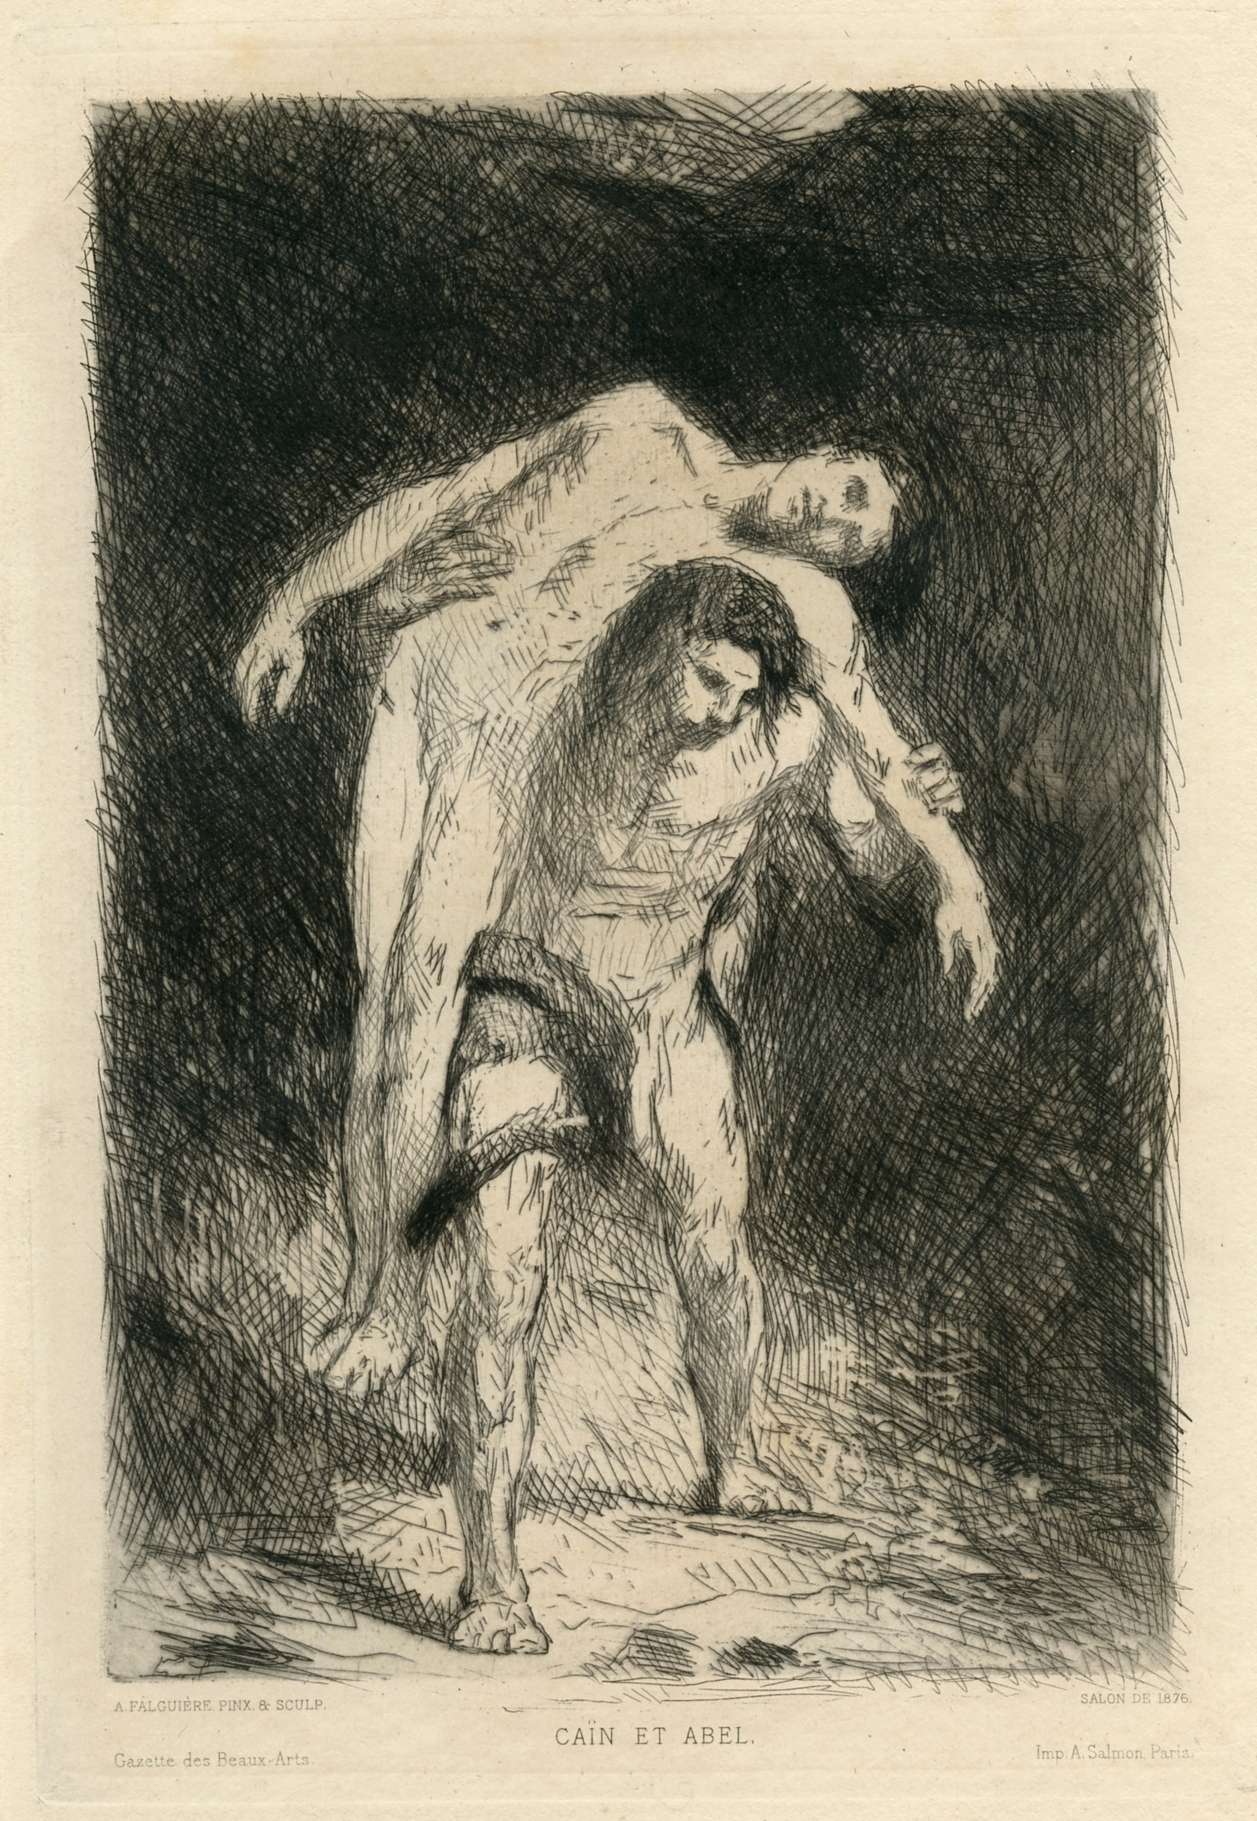 alexandre falguiere original etching